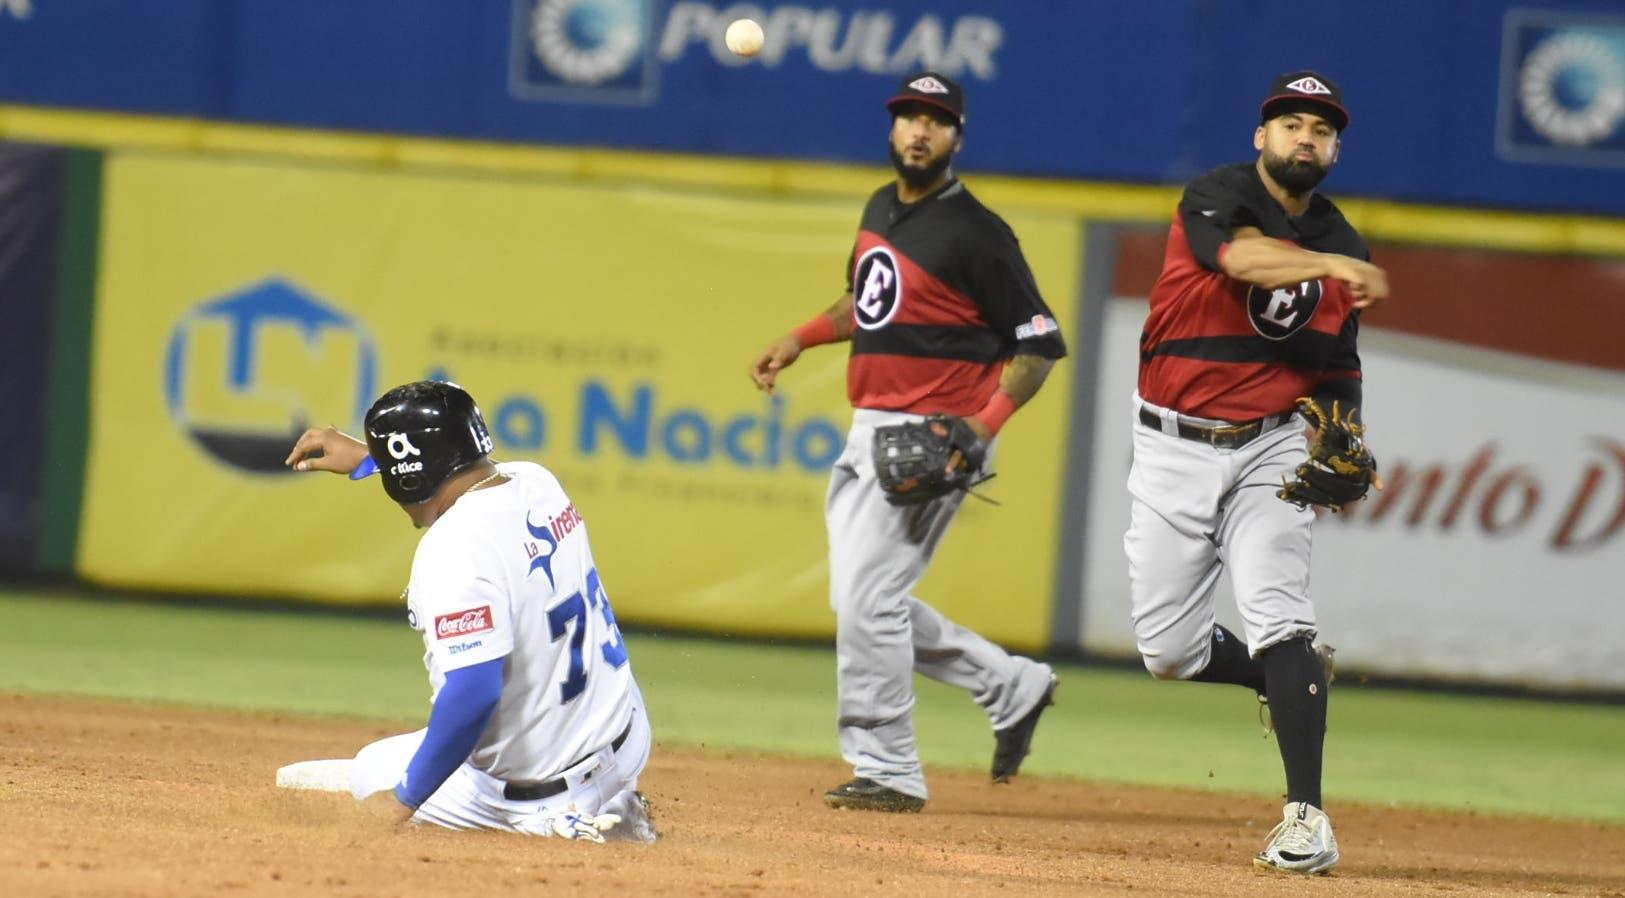 Tigres siguen imparables al ligar seis triunfos en playoffs de Dominicana